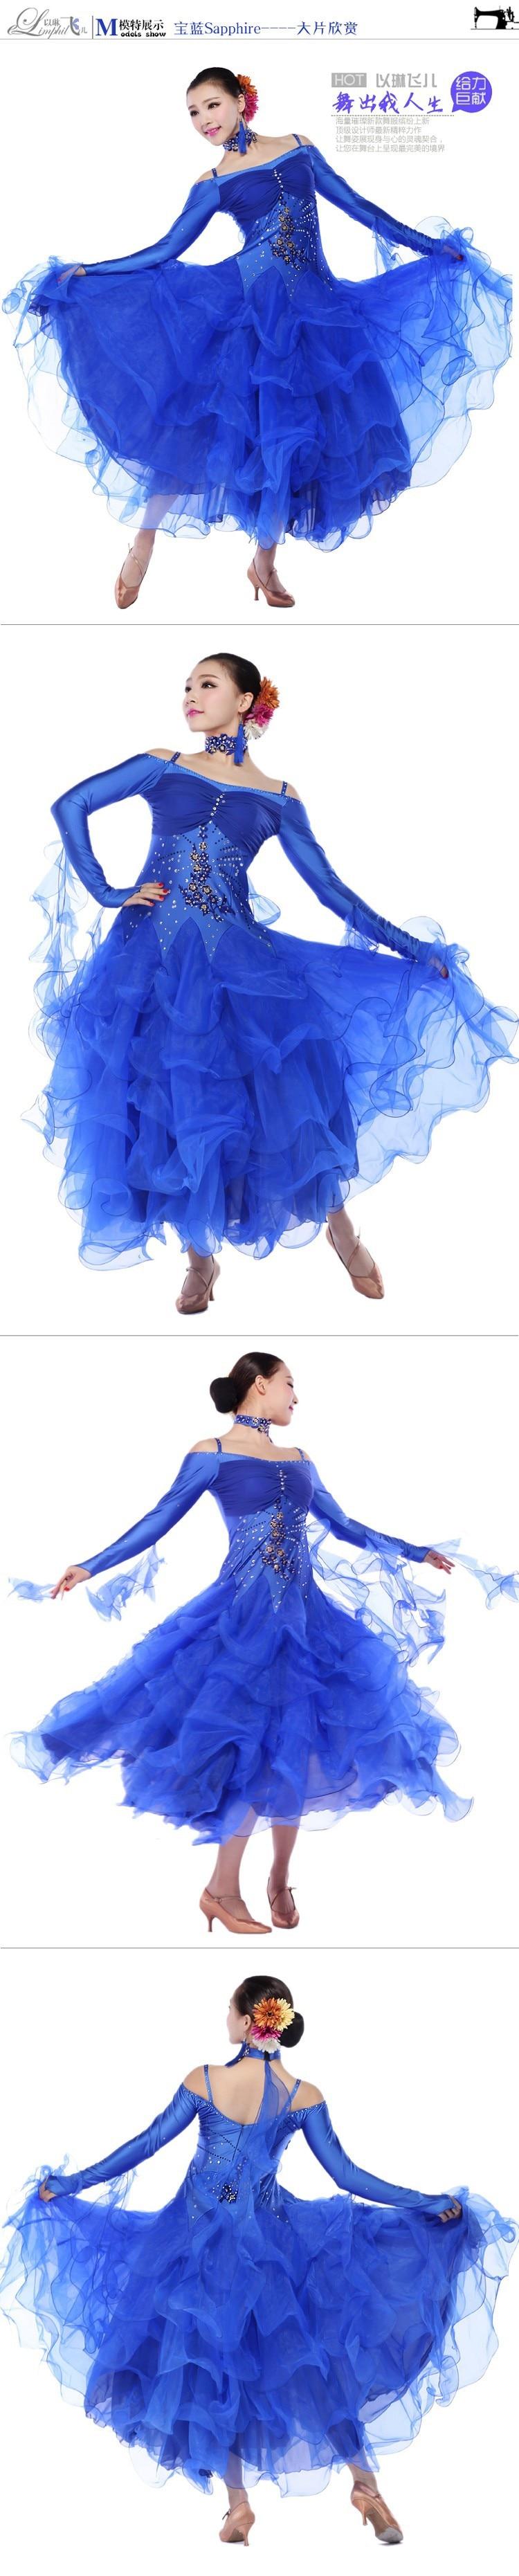 Женские Стразы синие кружева с длинным рукавом оборками танцевальное бальное платье танго платье/сценическая танцевальная одежда